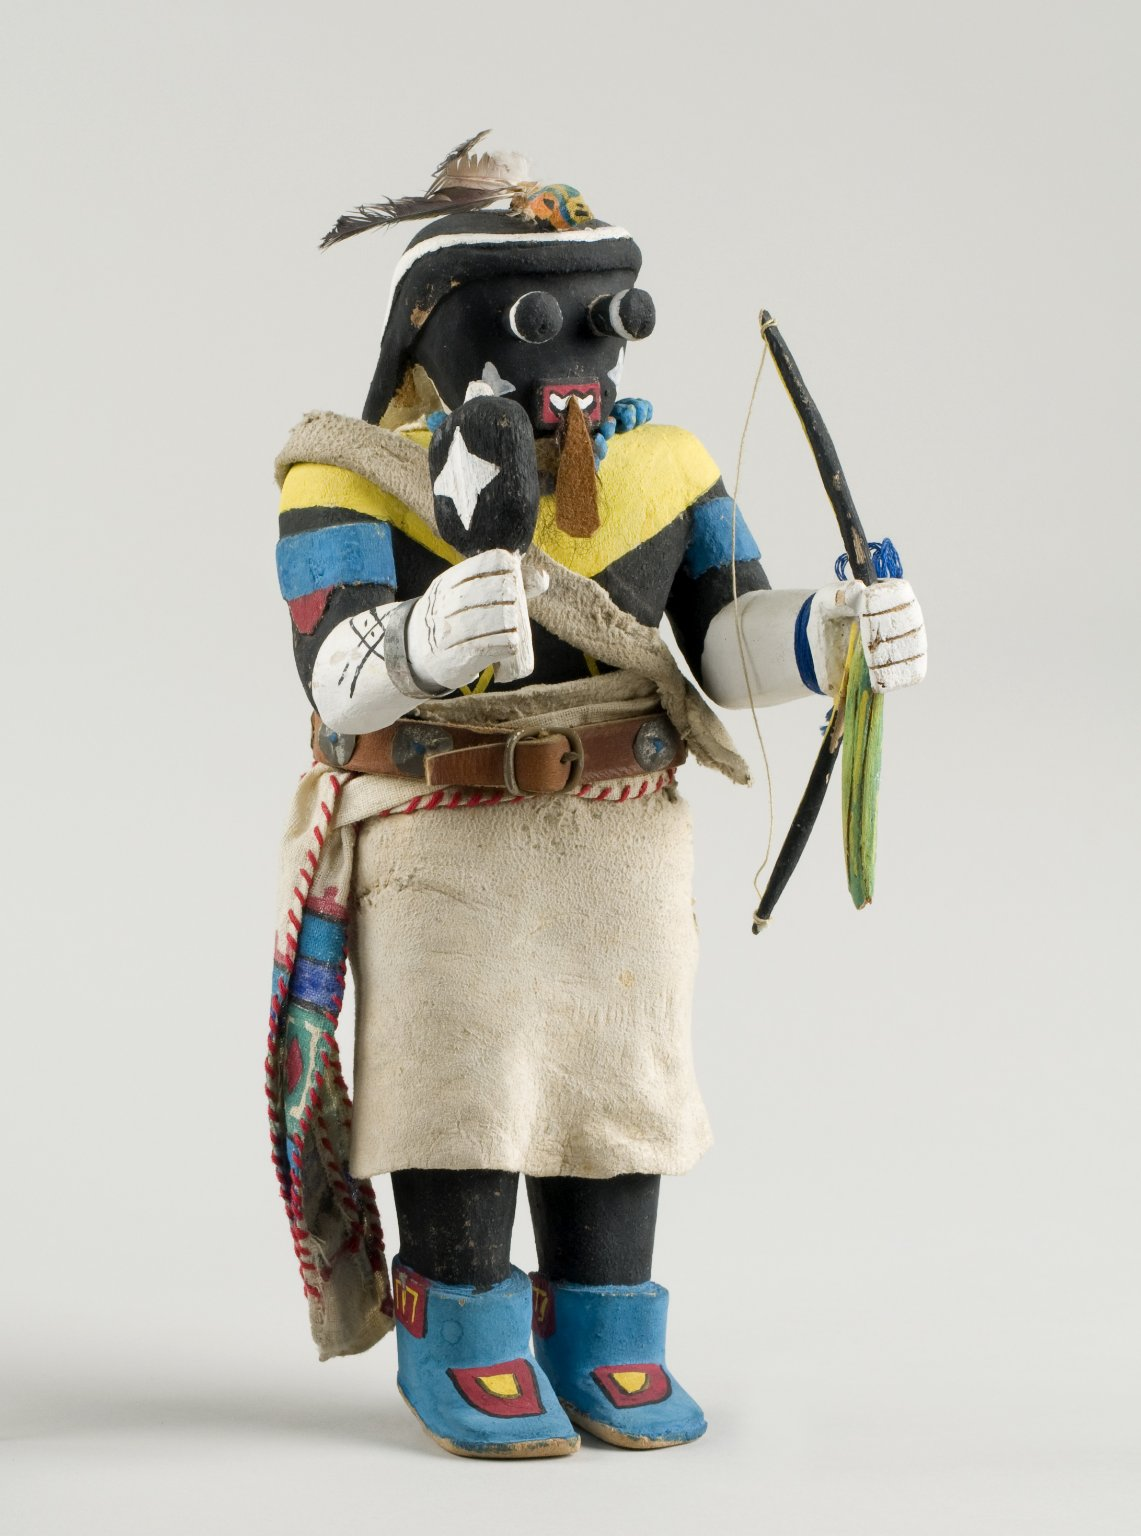 Chakwaina Kachina Doll